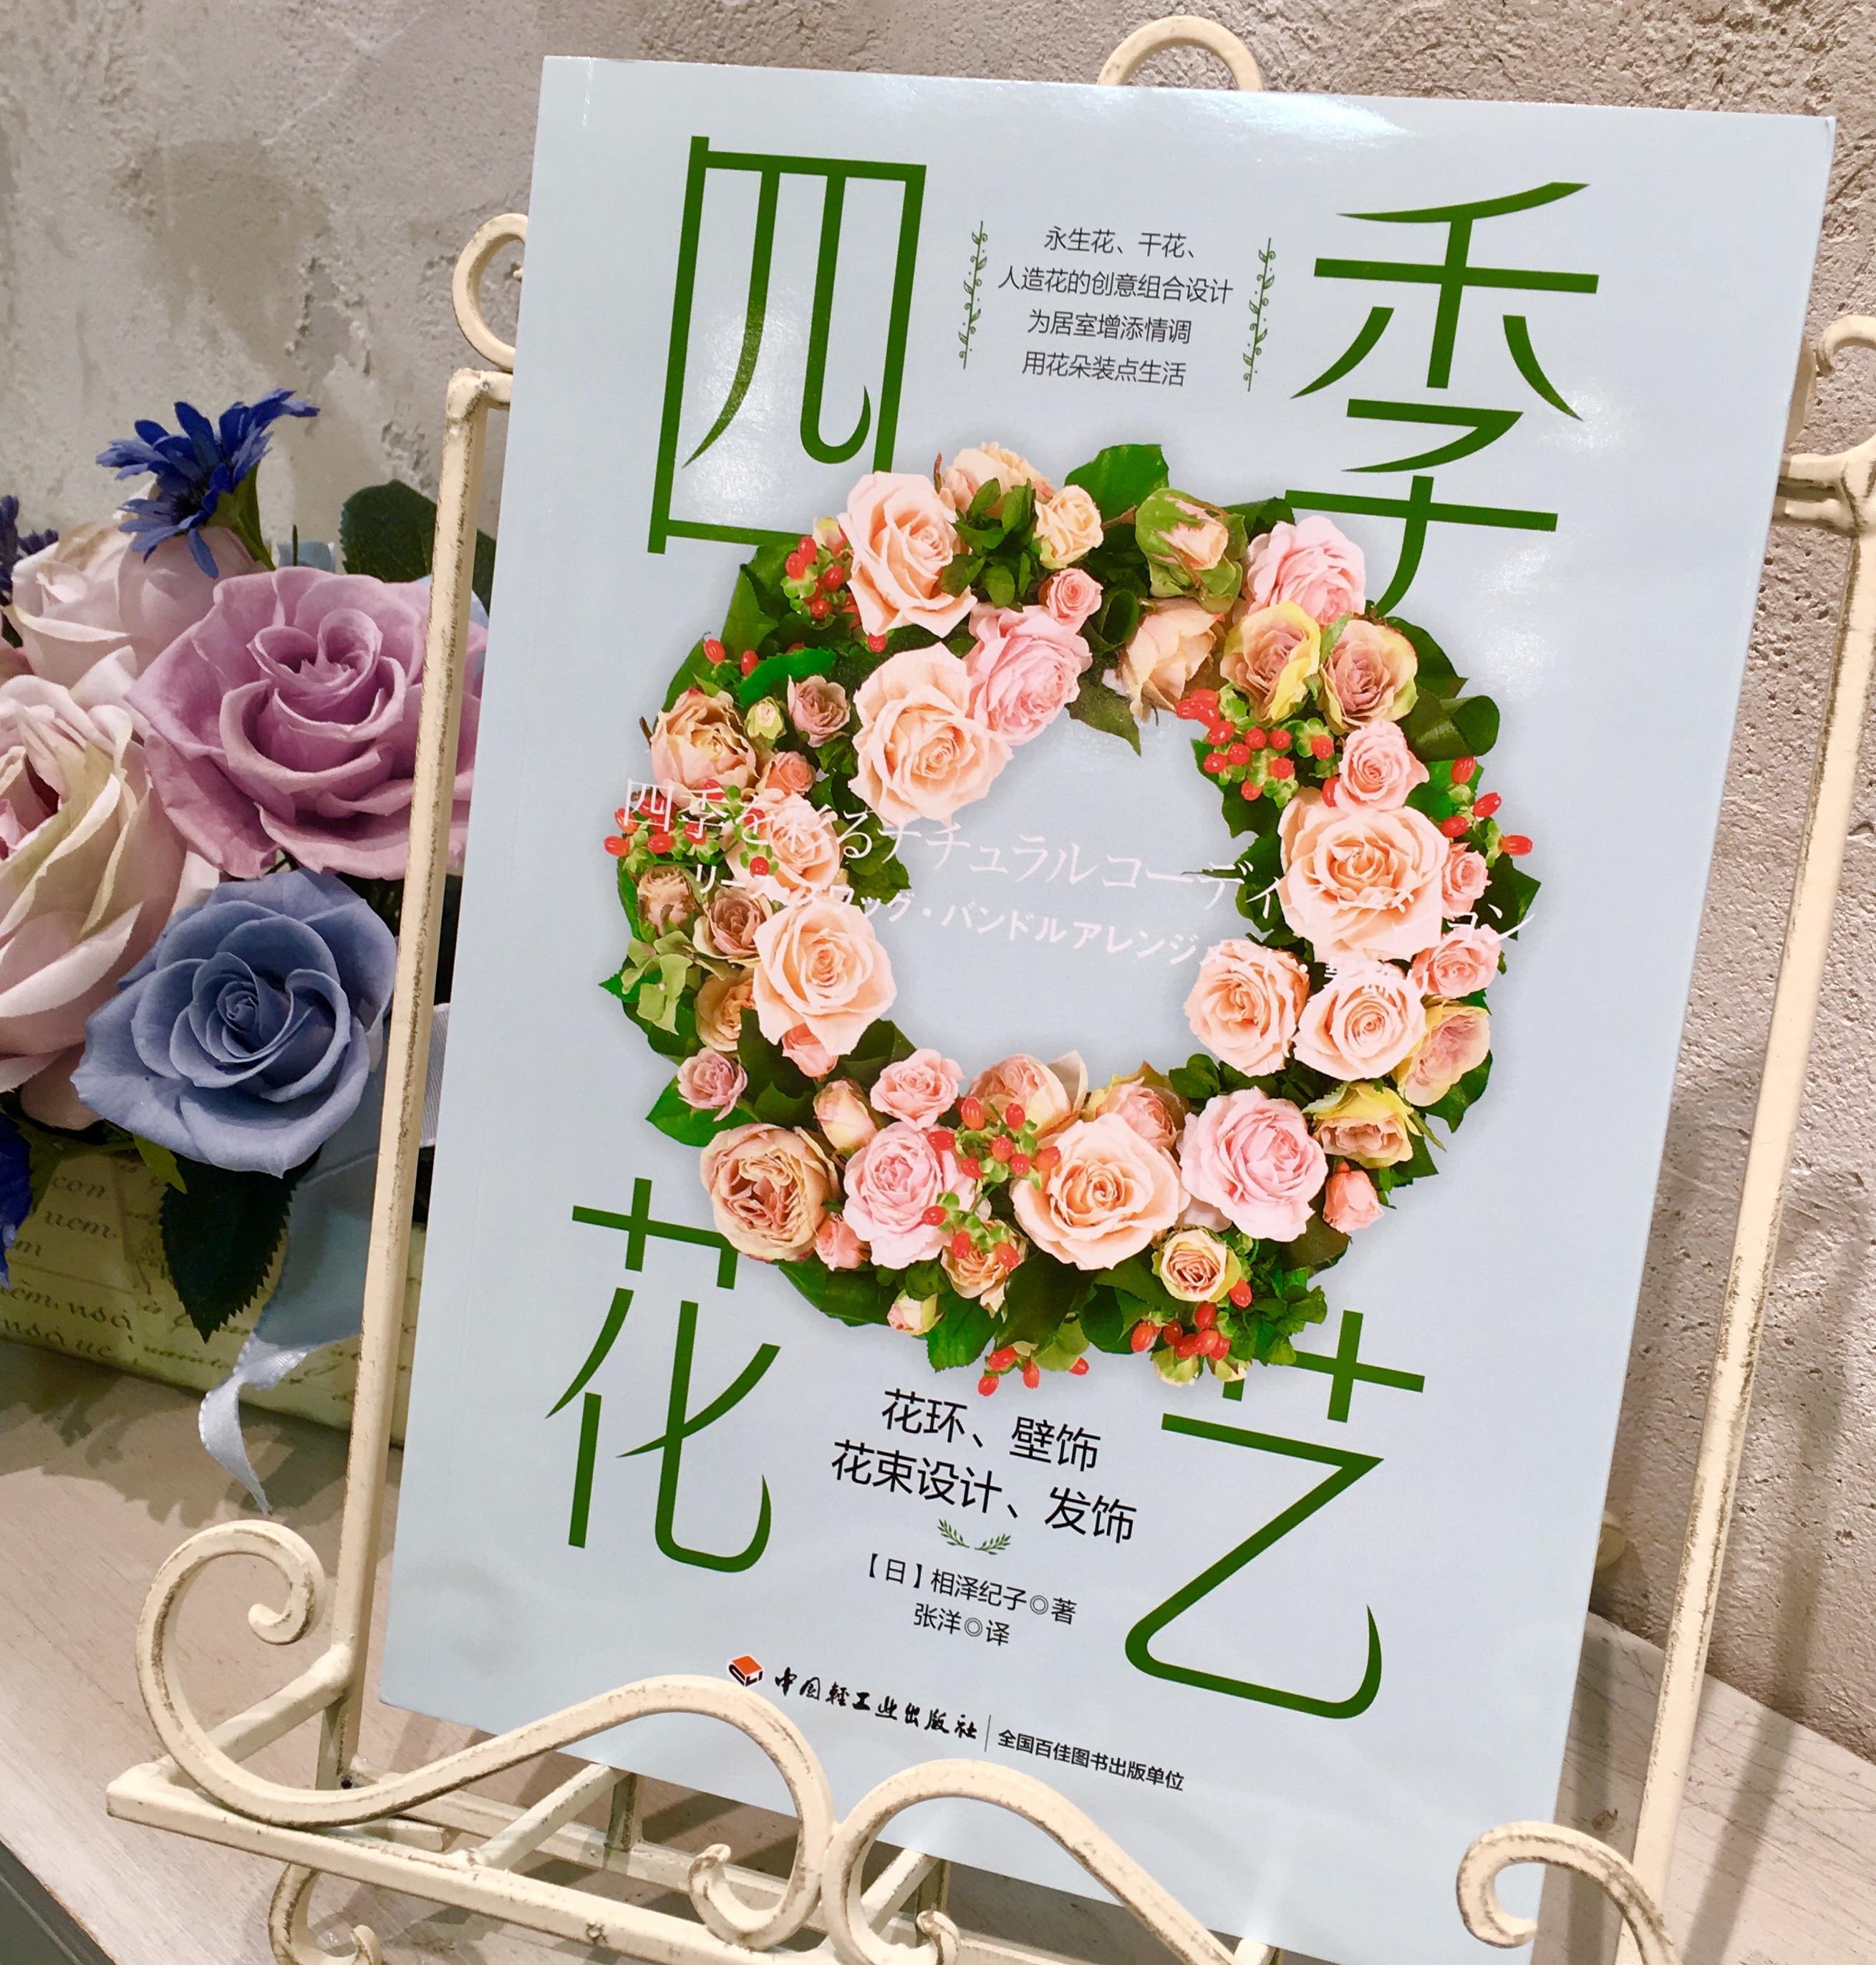 中国版「プリザーブドフラワー・テクニックブック〈3〉四季を彩るナチュラルコーディネーション」出版のお知らせ